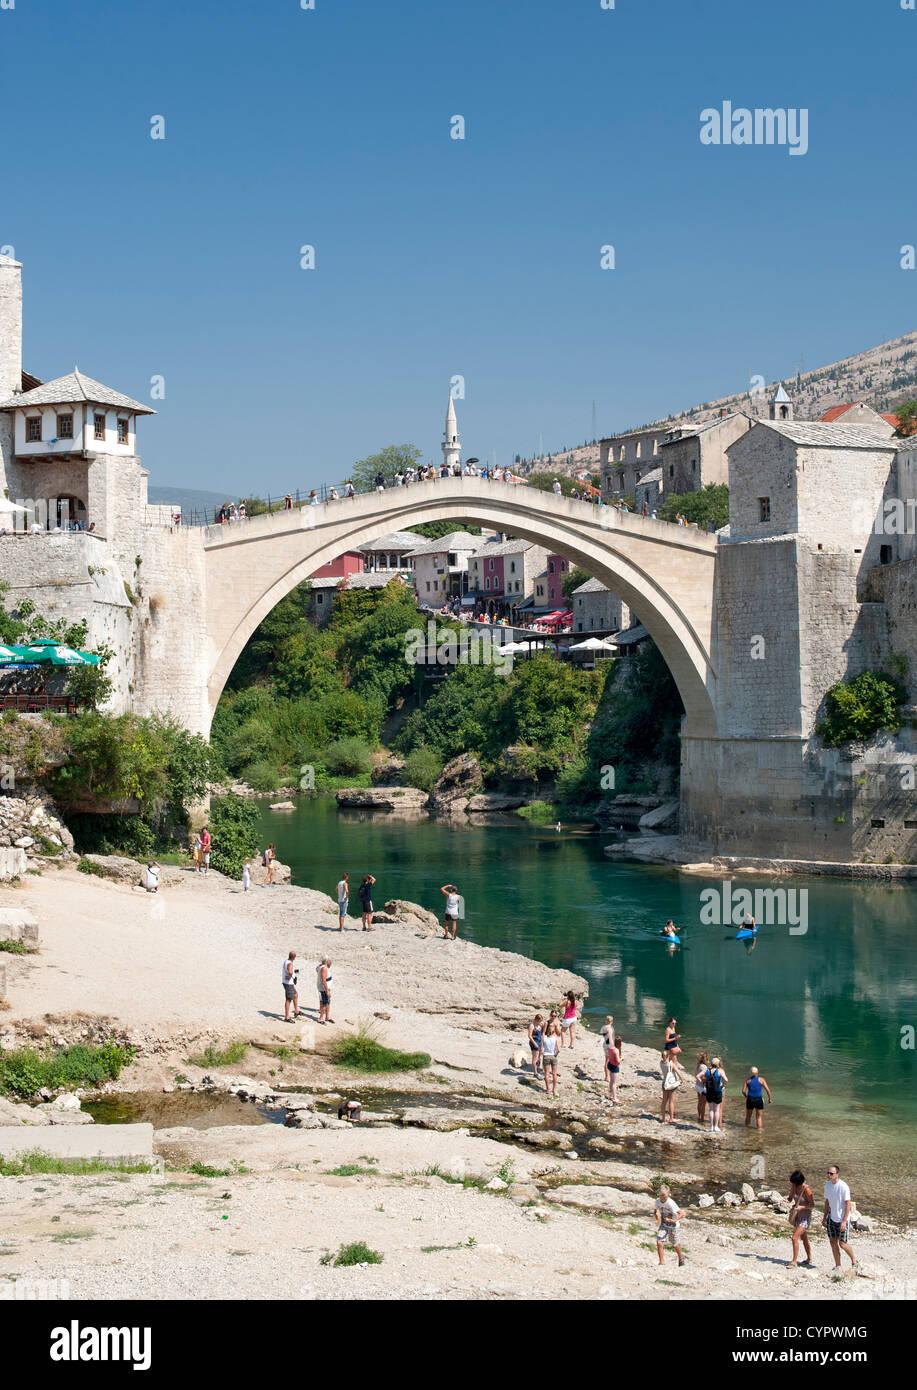 The Stari Most 'Old Bridge' and Neretva River in Mostar in Bosnia-Herzegovina. - Stock Image